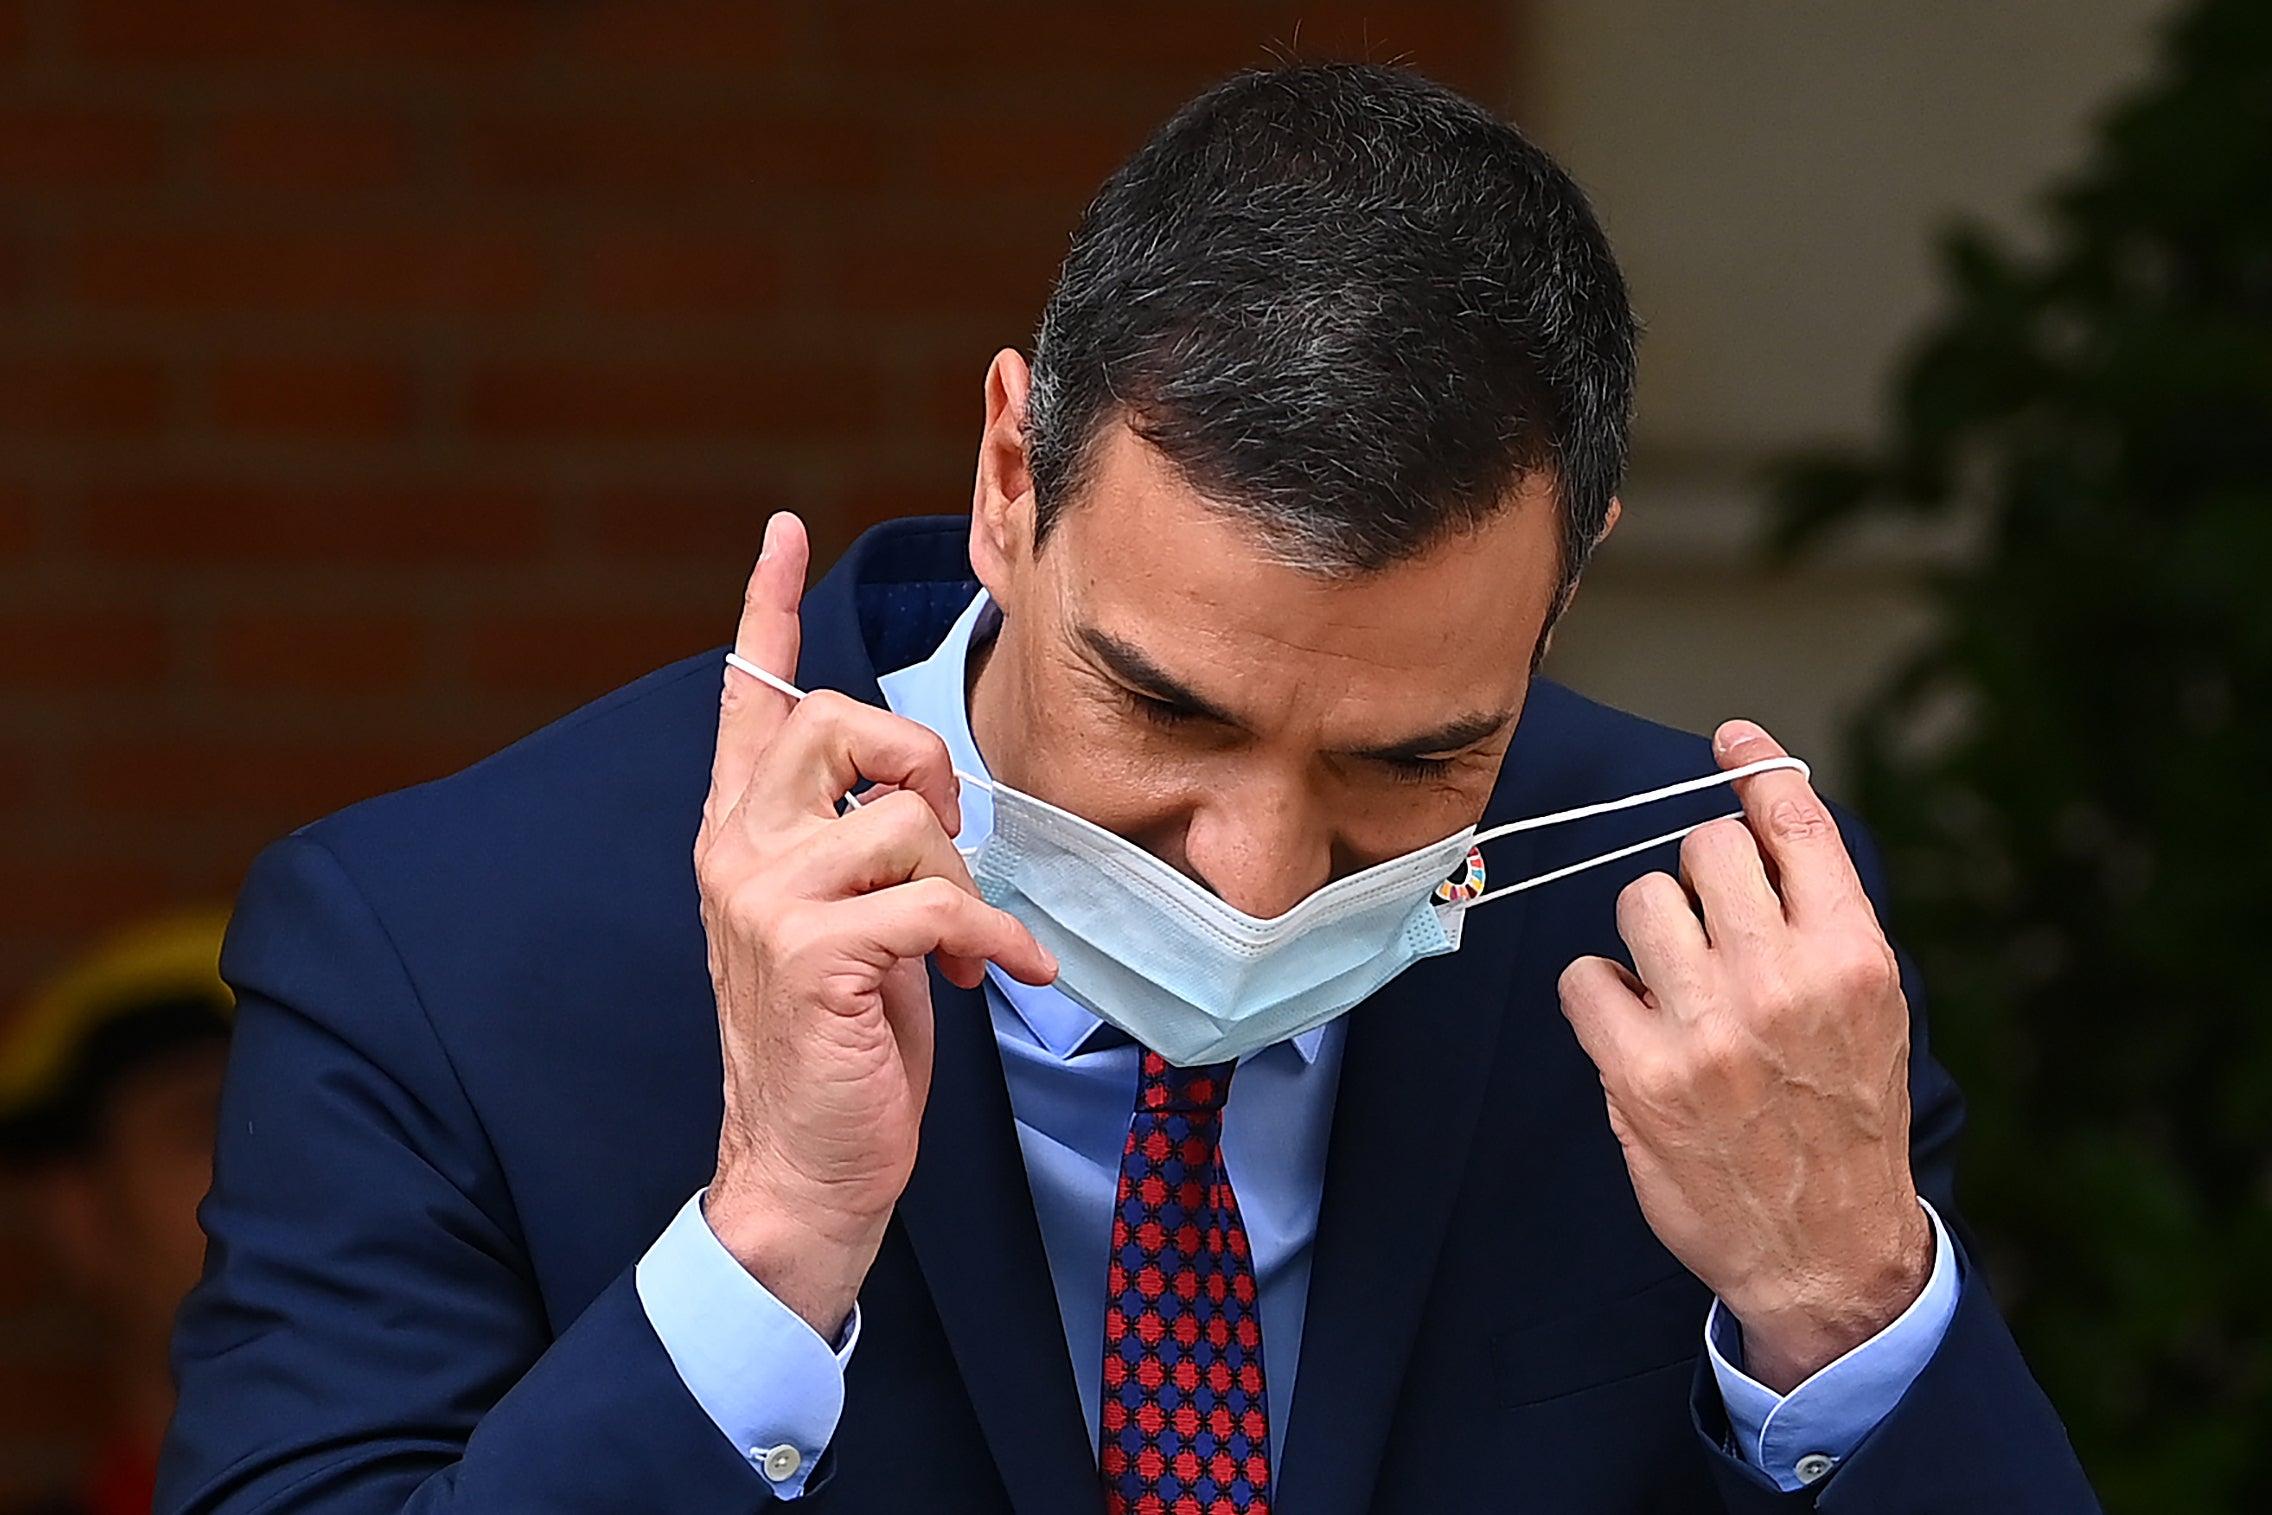 """Las preguntas de Amón: """"Sánchez anuncia el fin de las mascarillas, pero ¿cuándo se quitará él la máscara?"""